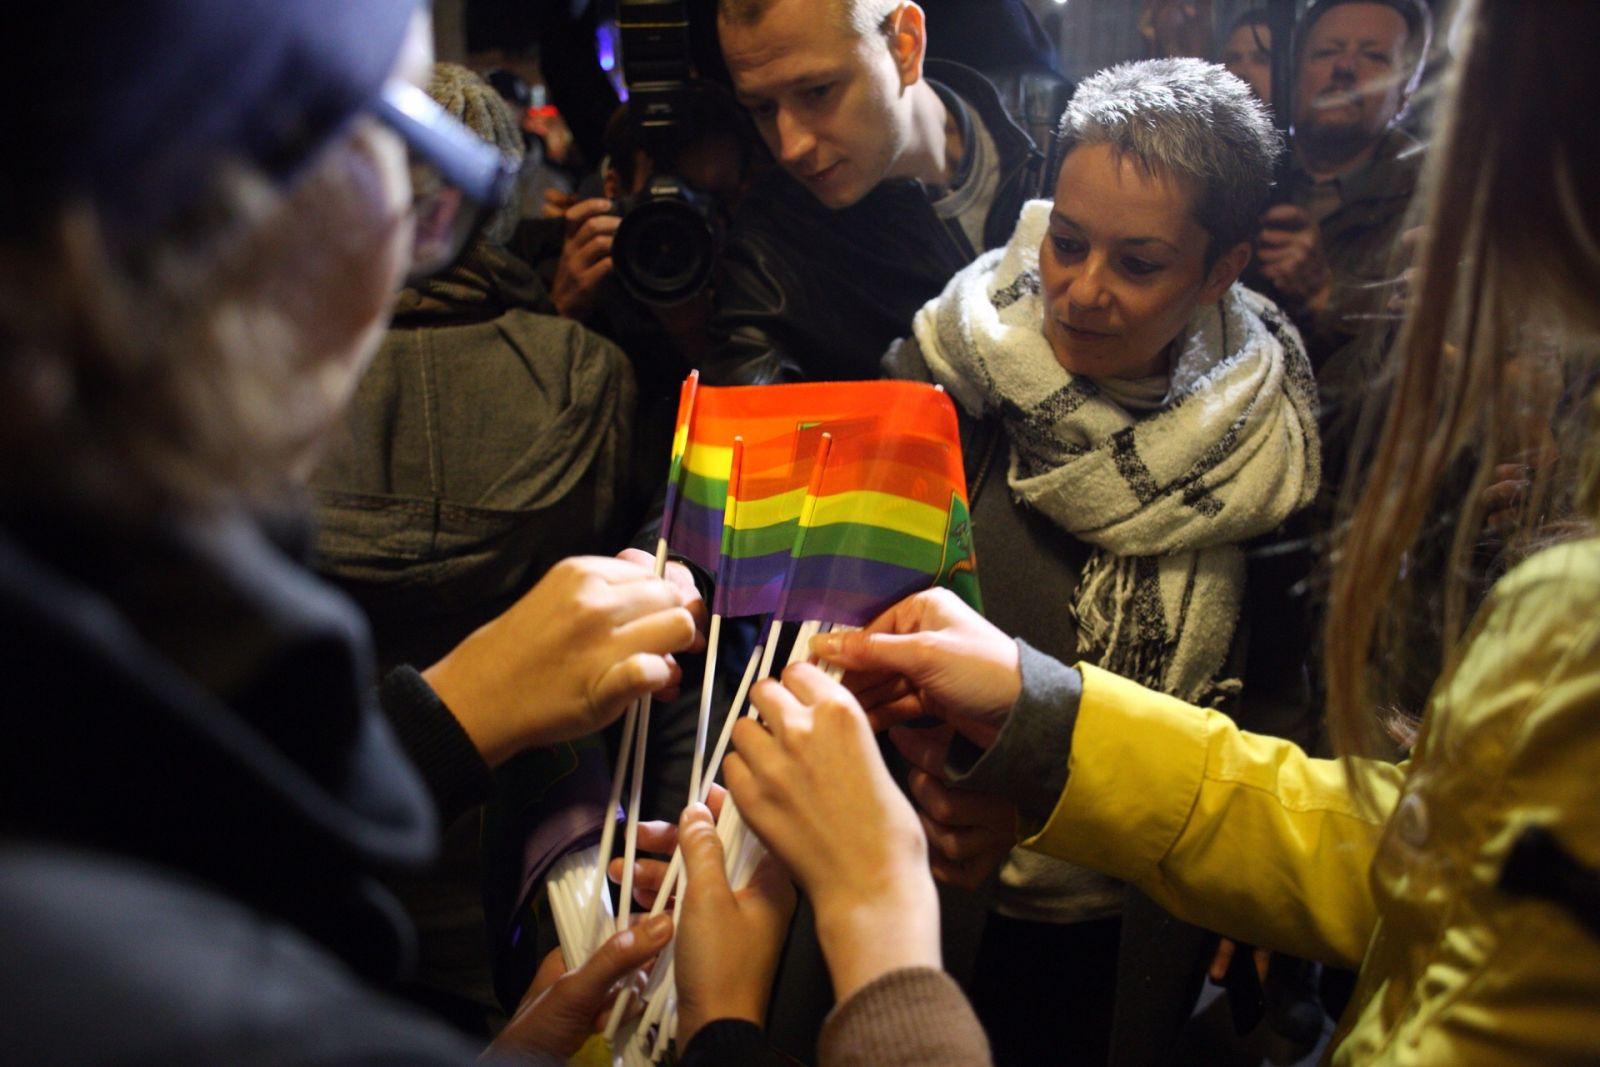 Акція біля Історичного музею в Харкові на підтримку ЛГБТ у жовтні 2017-го року. Фото Павла Пахоменка